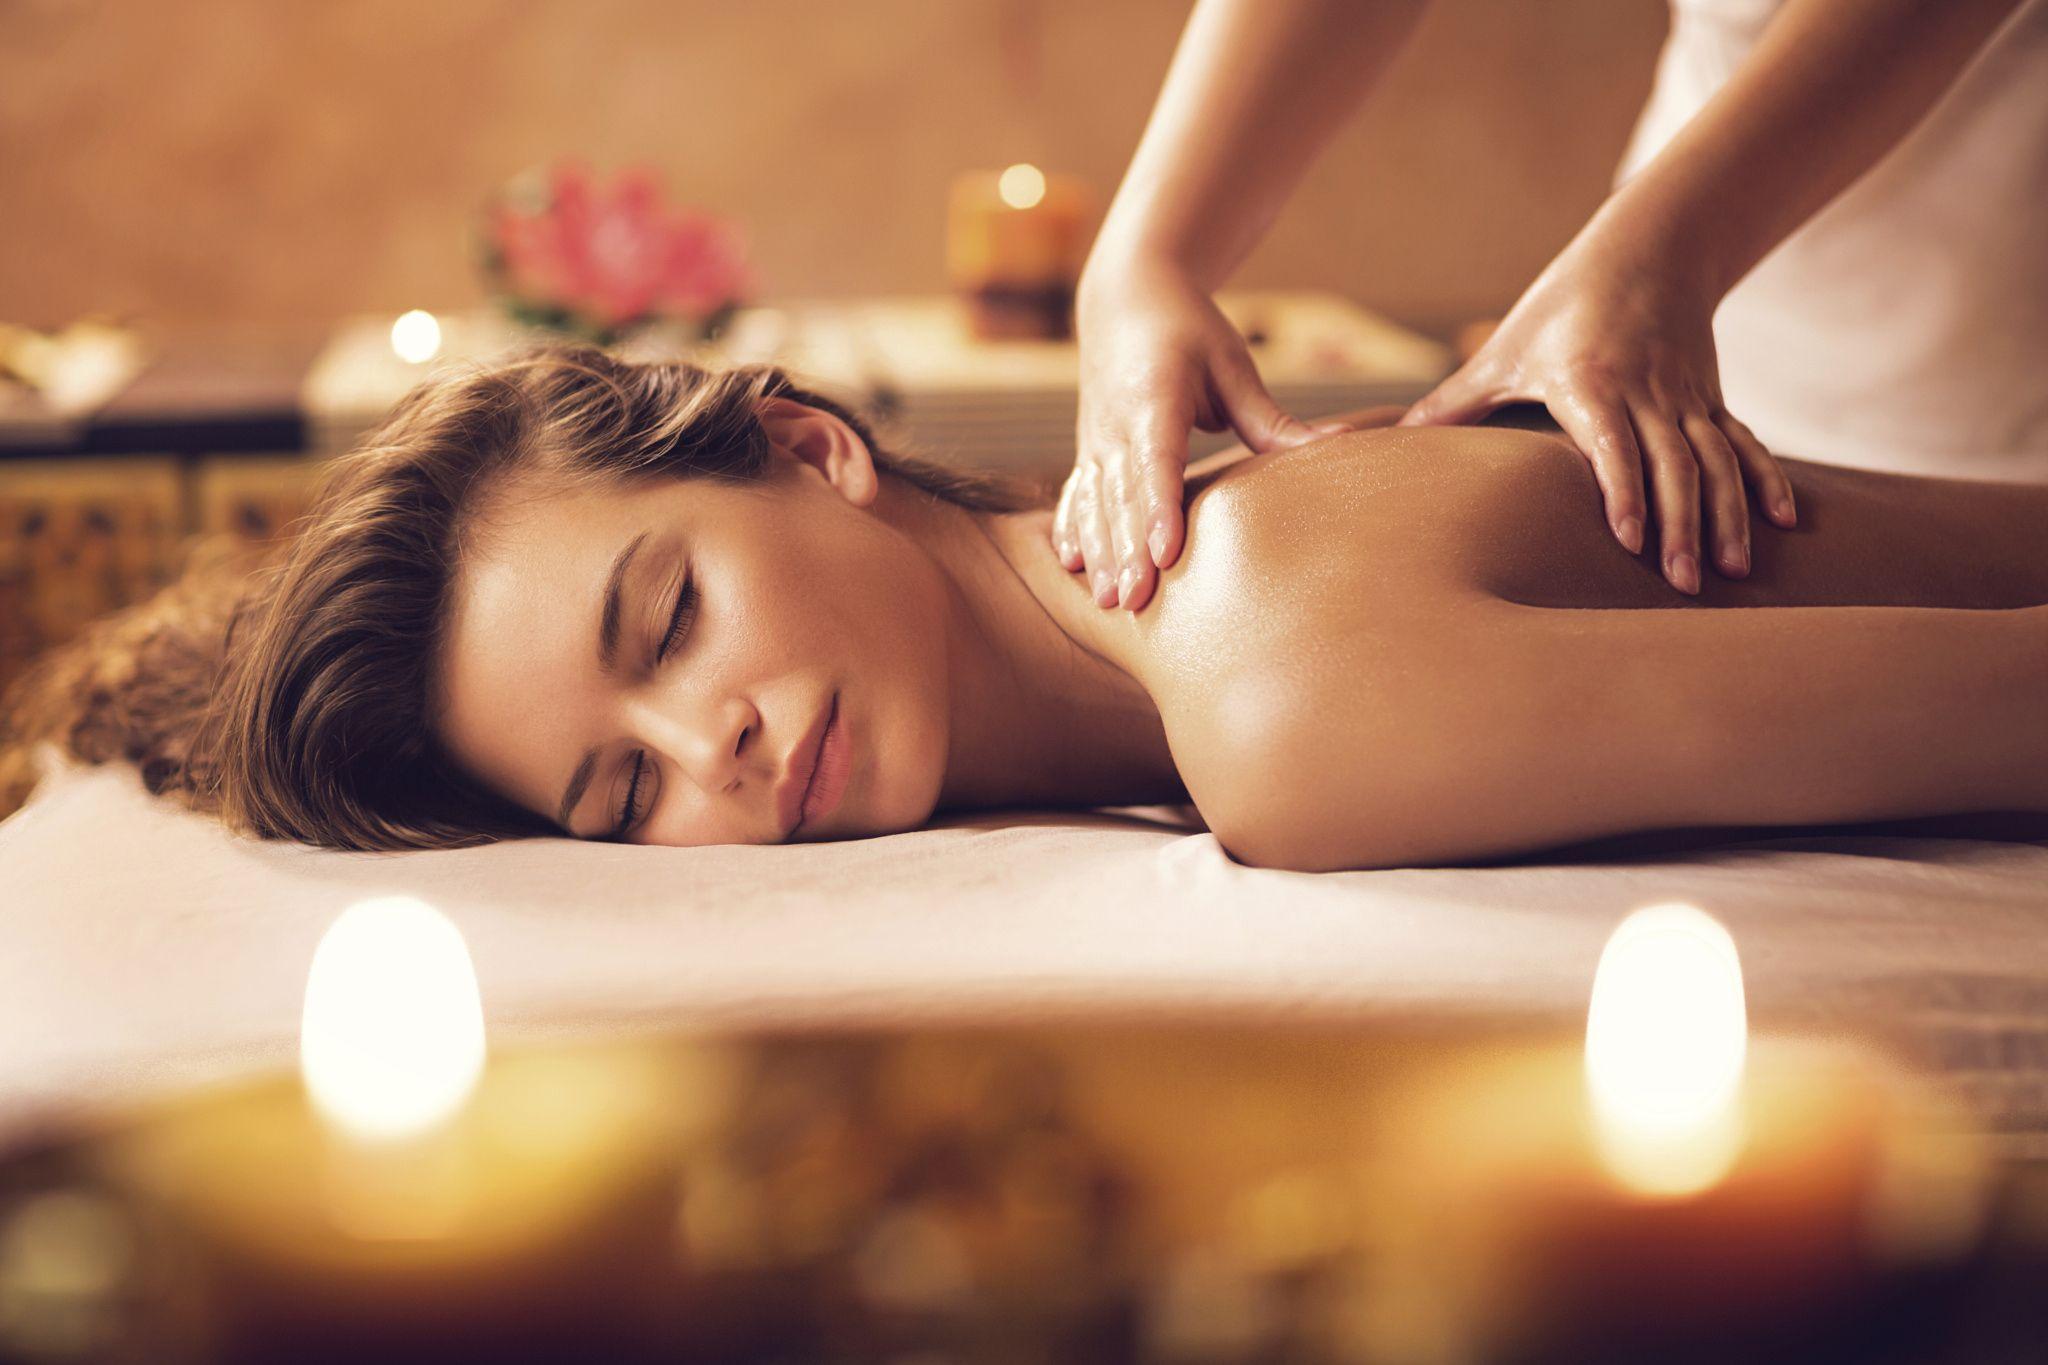 Sex in a massage XXX